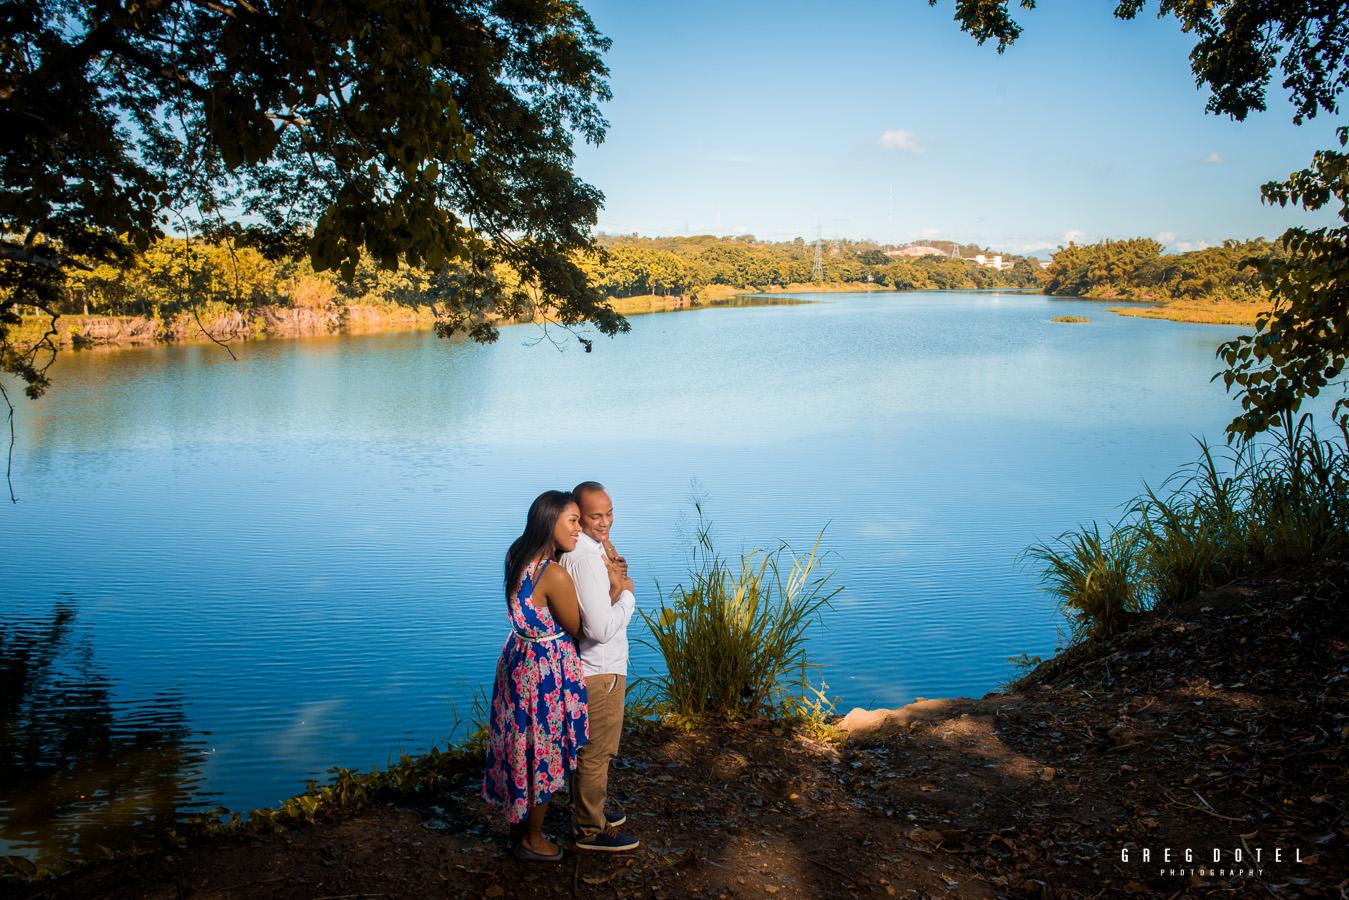 sesion-novios-boda-fotografo-dominicano-lugares-ruinas-engombe-santo-domingo (1)